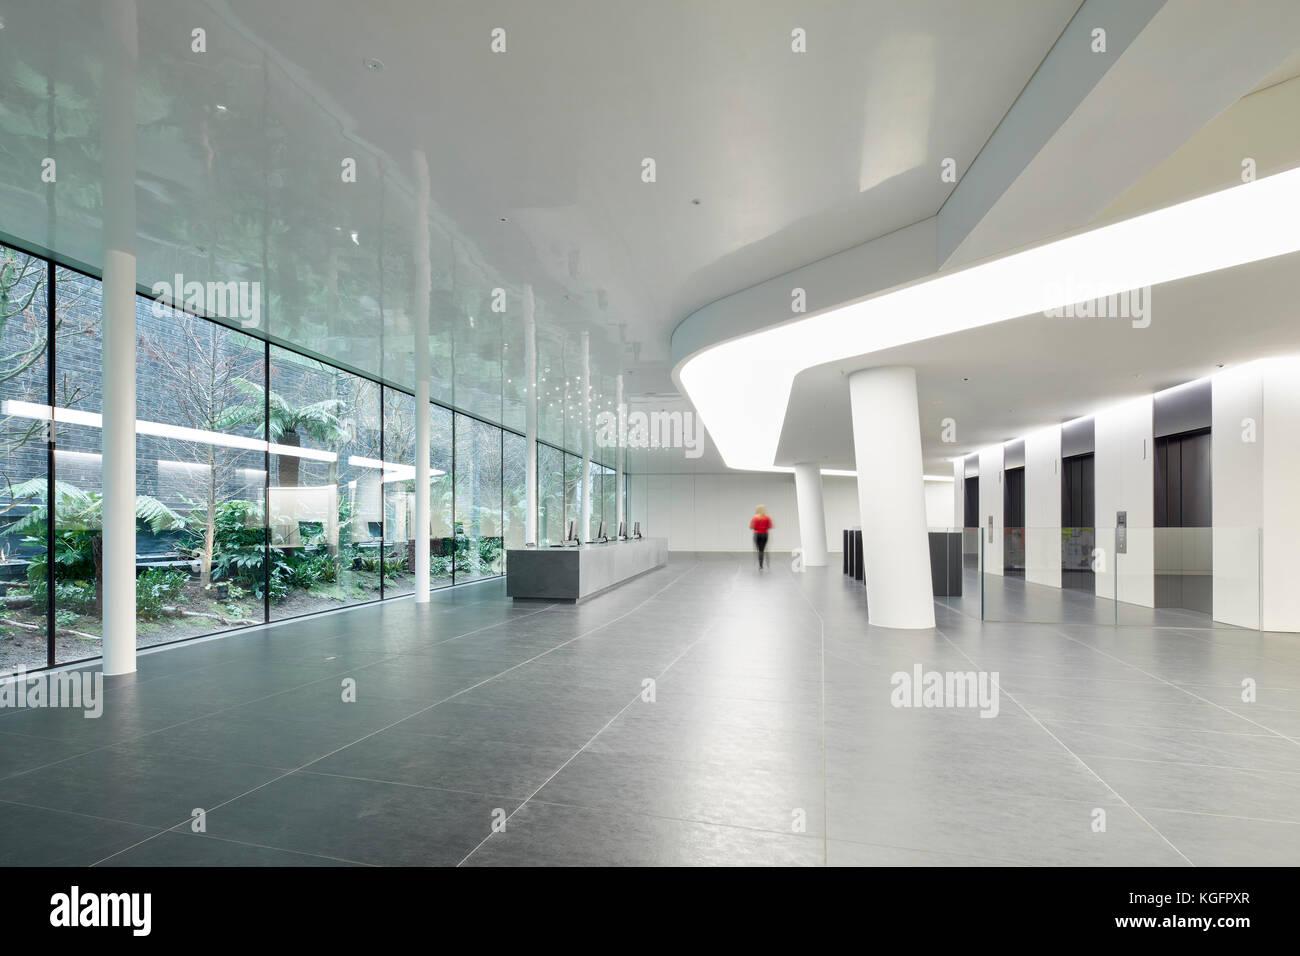 Weite Einstellung auf Empfang. Engel, London, Großbritannien Architekt: Fletcher Priester Architekten llp, Stockbild